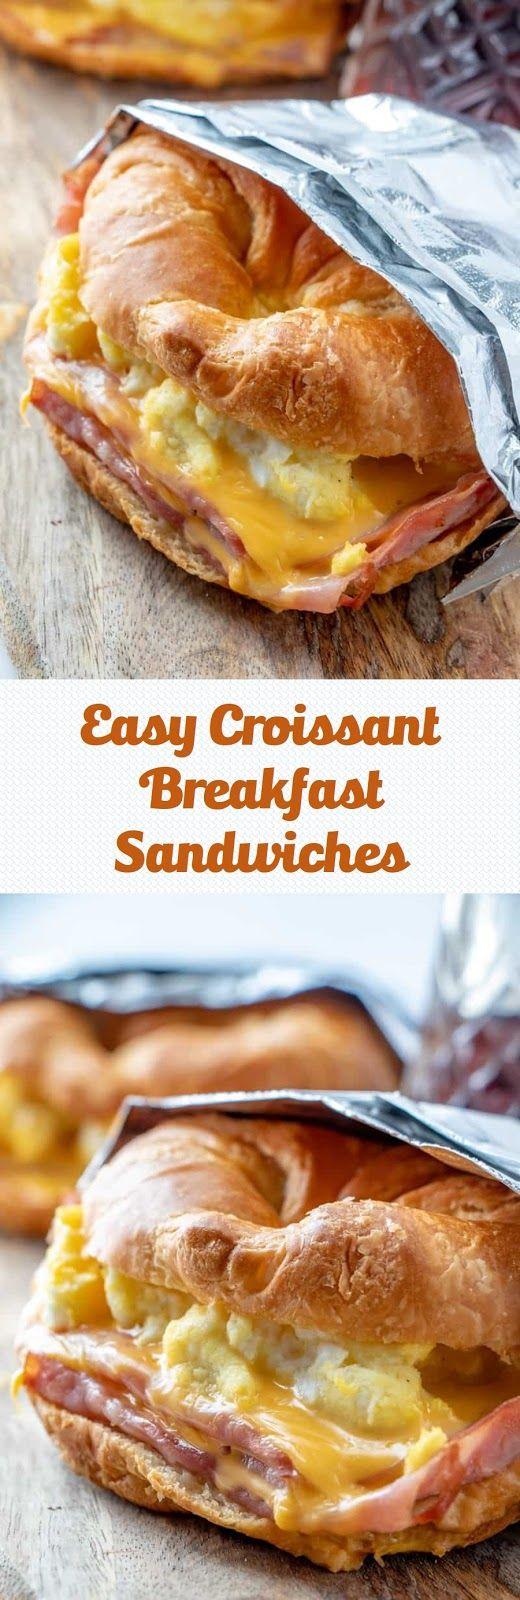 Easy Croissant Breakfast Sandwiches #frühstückundbrunch